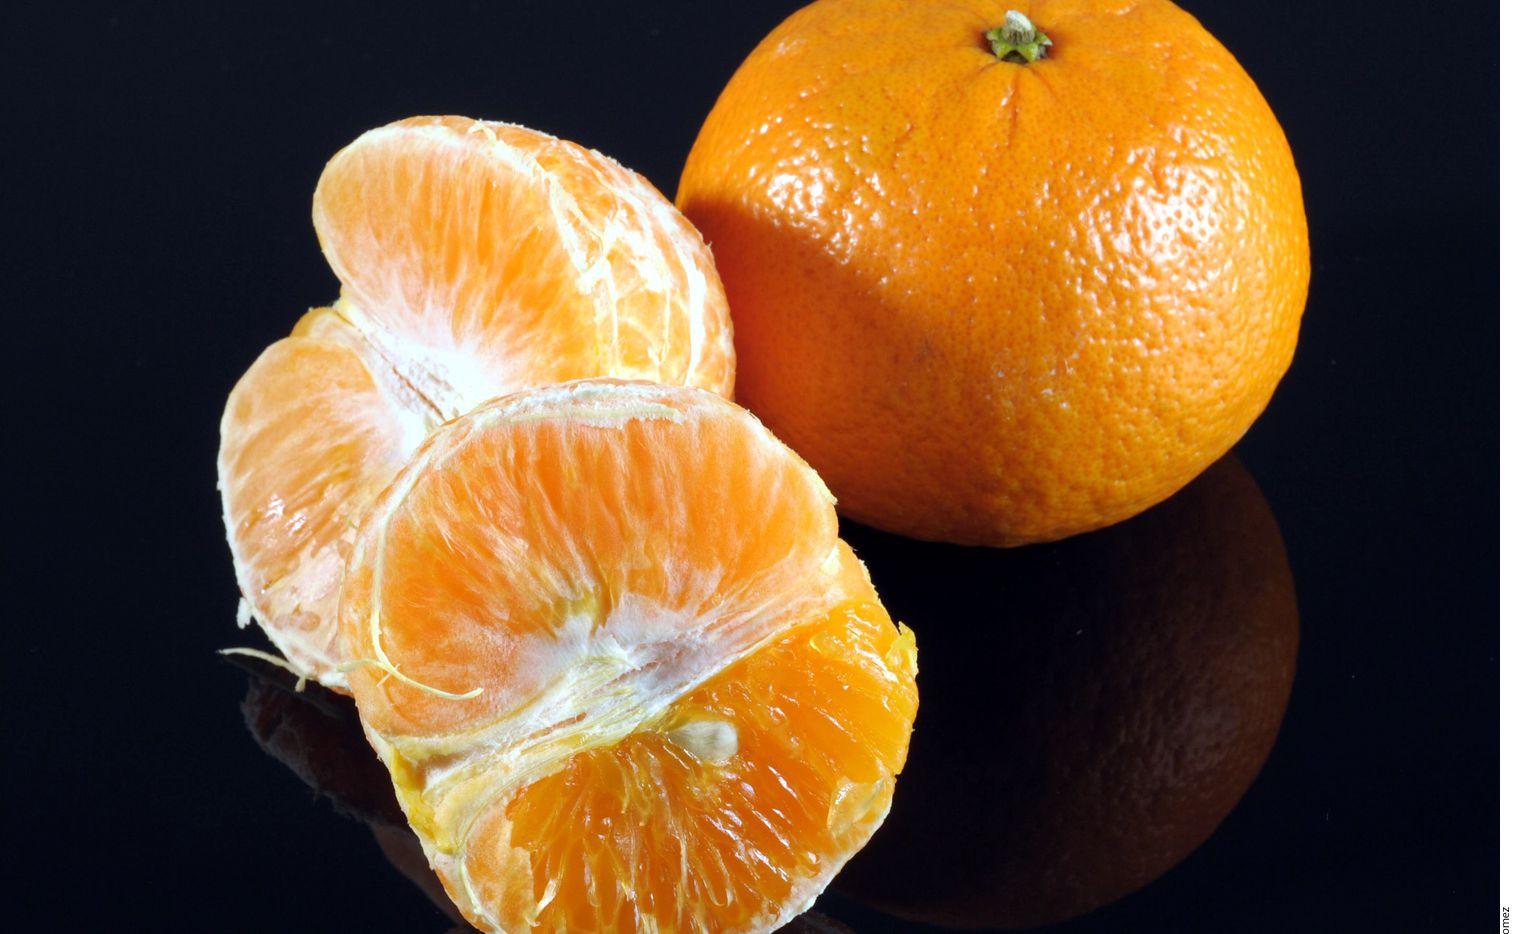 Epecialistas aconsejan invitar al menú alimentos con propiedades antioxidantes, antivirales y bactericidas, es decir, que contengan vitamina C, B y A, como el limón, naranja, mandarina, kiwi y la granada.AGENCIA REFORMA.